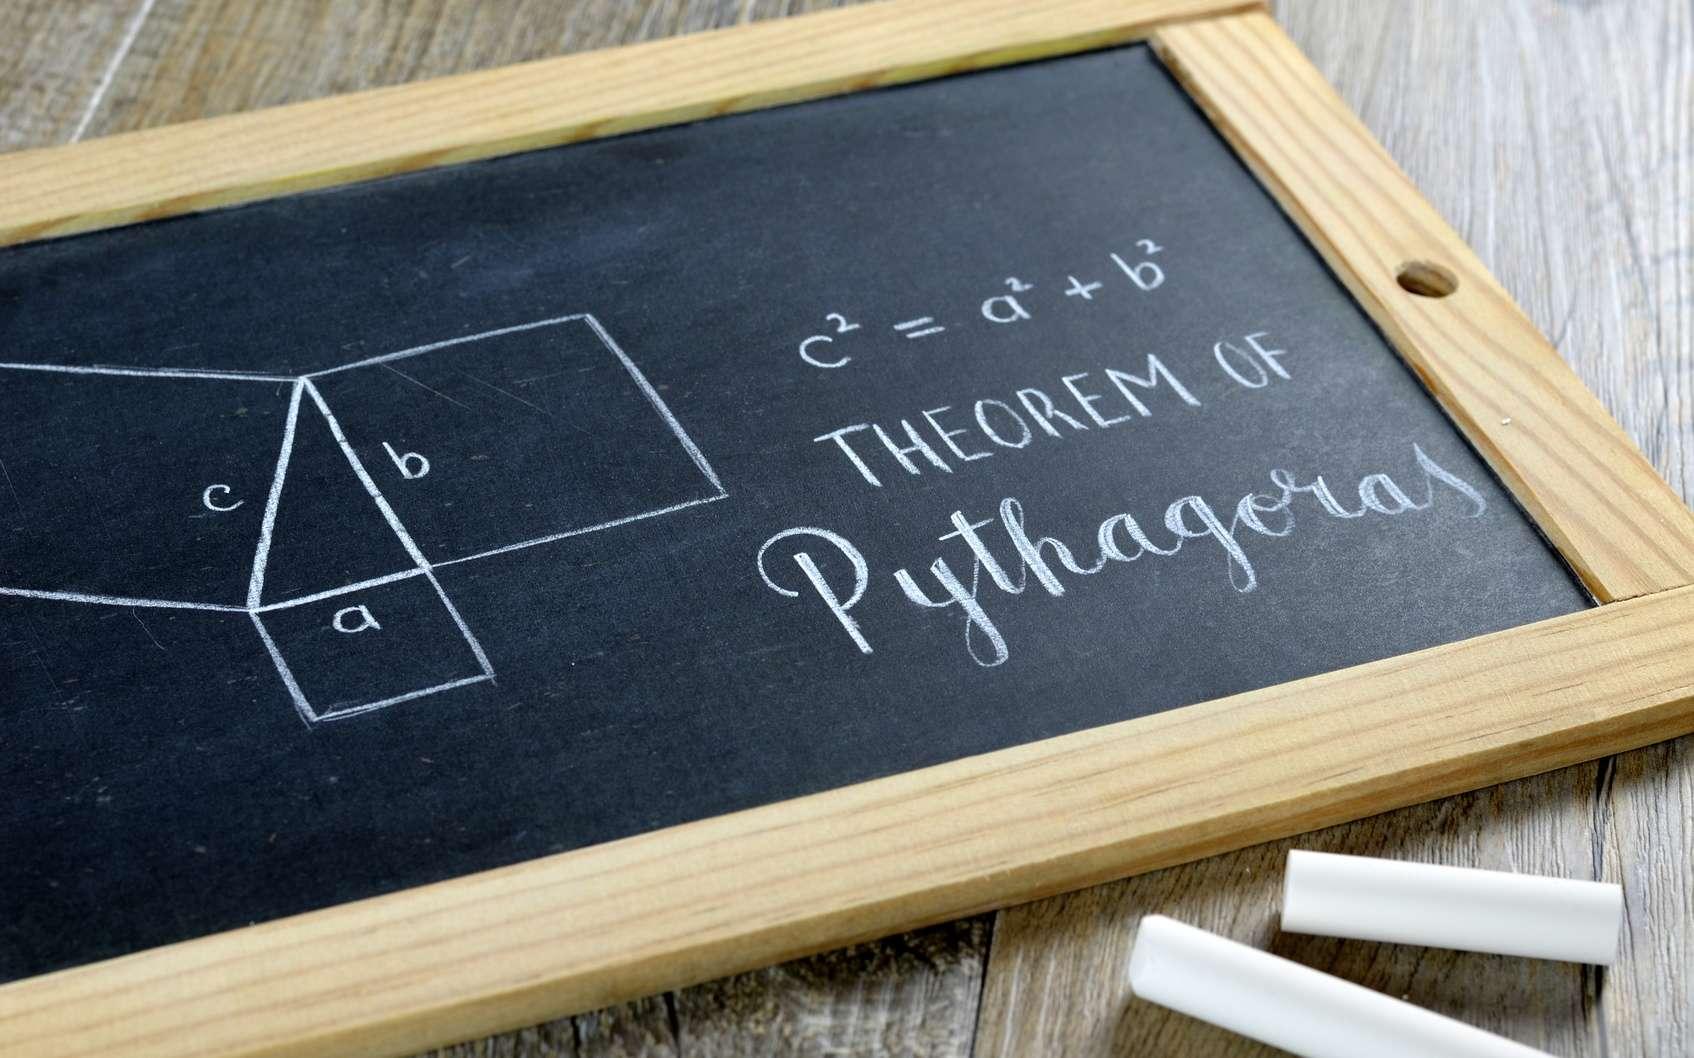 Le théorème de Pythagore est un incontournable des mathématiques. © treenabeena, Fotolia